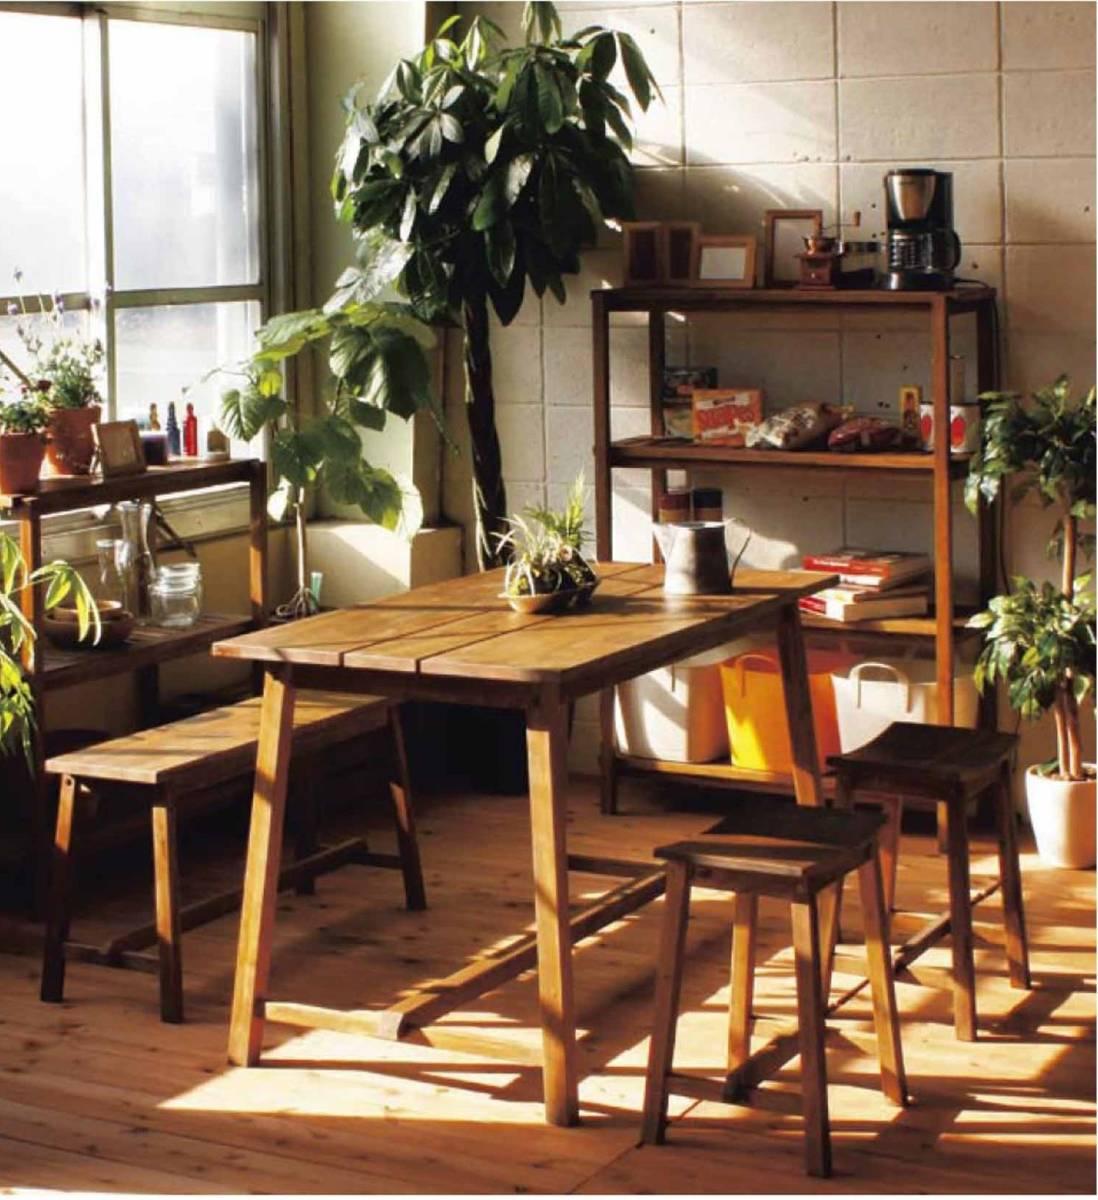 送料無料 マホガニ無垢材使用の アンティーク&アジアンカントリー調の オイル仕上げの4人掛けのテーブル+ベンチ+スツール②のセット